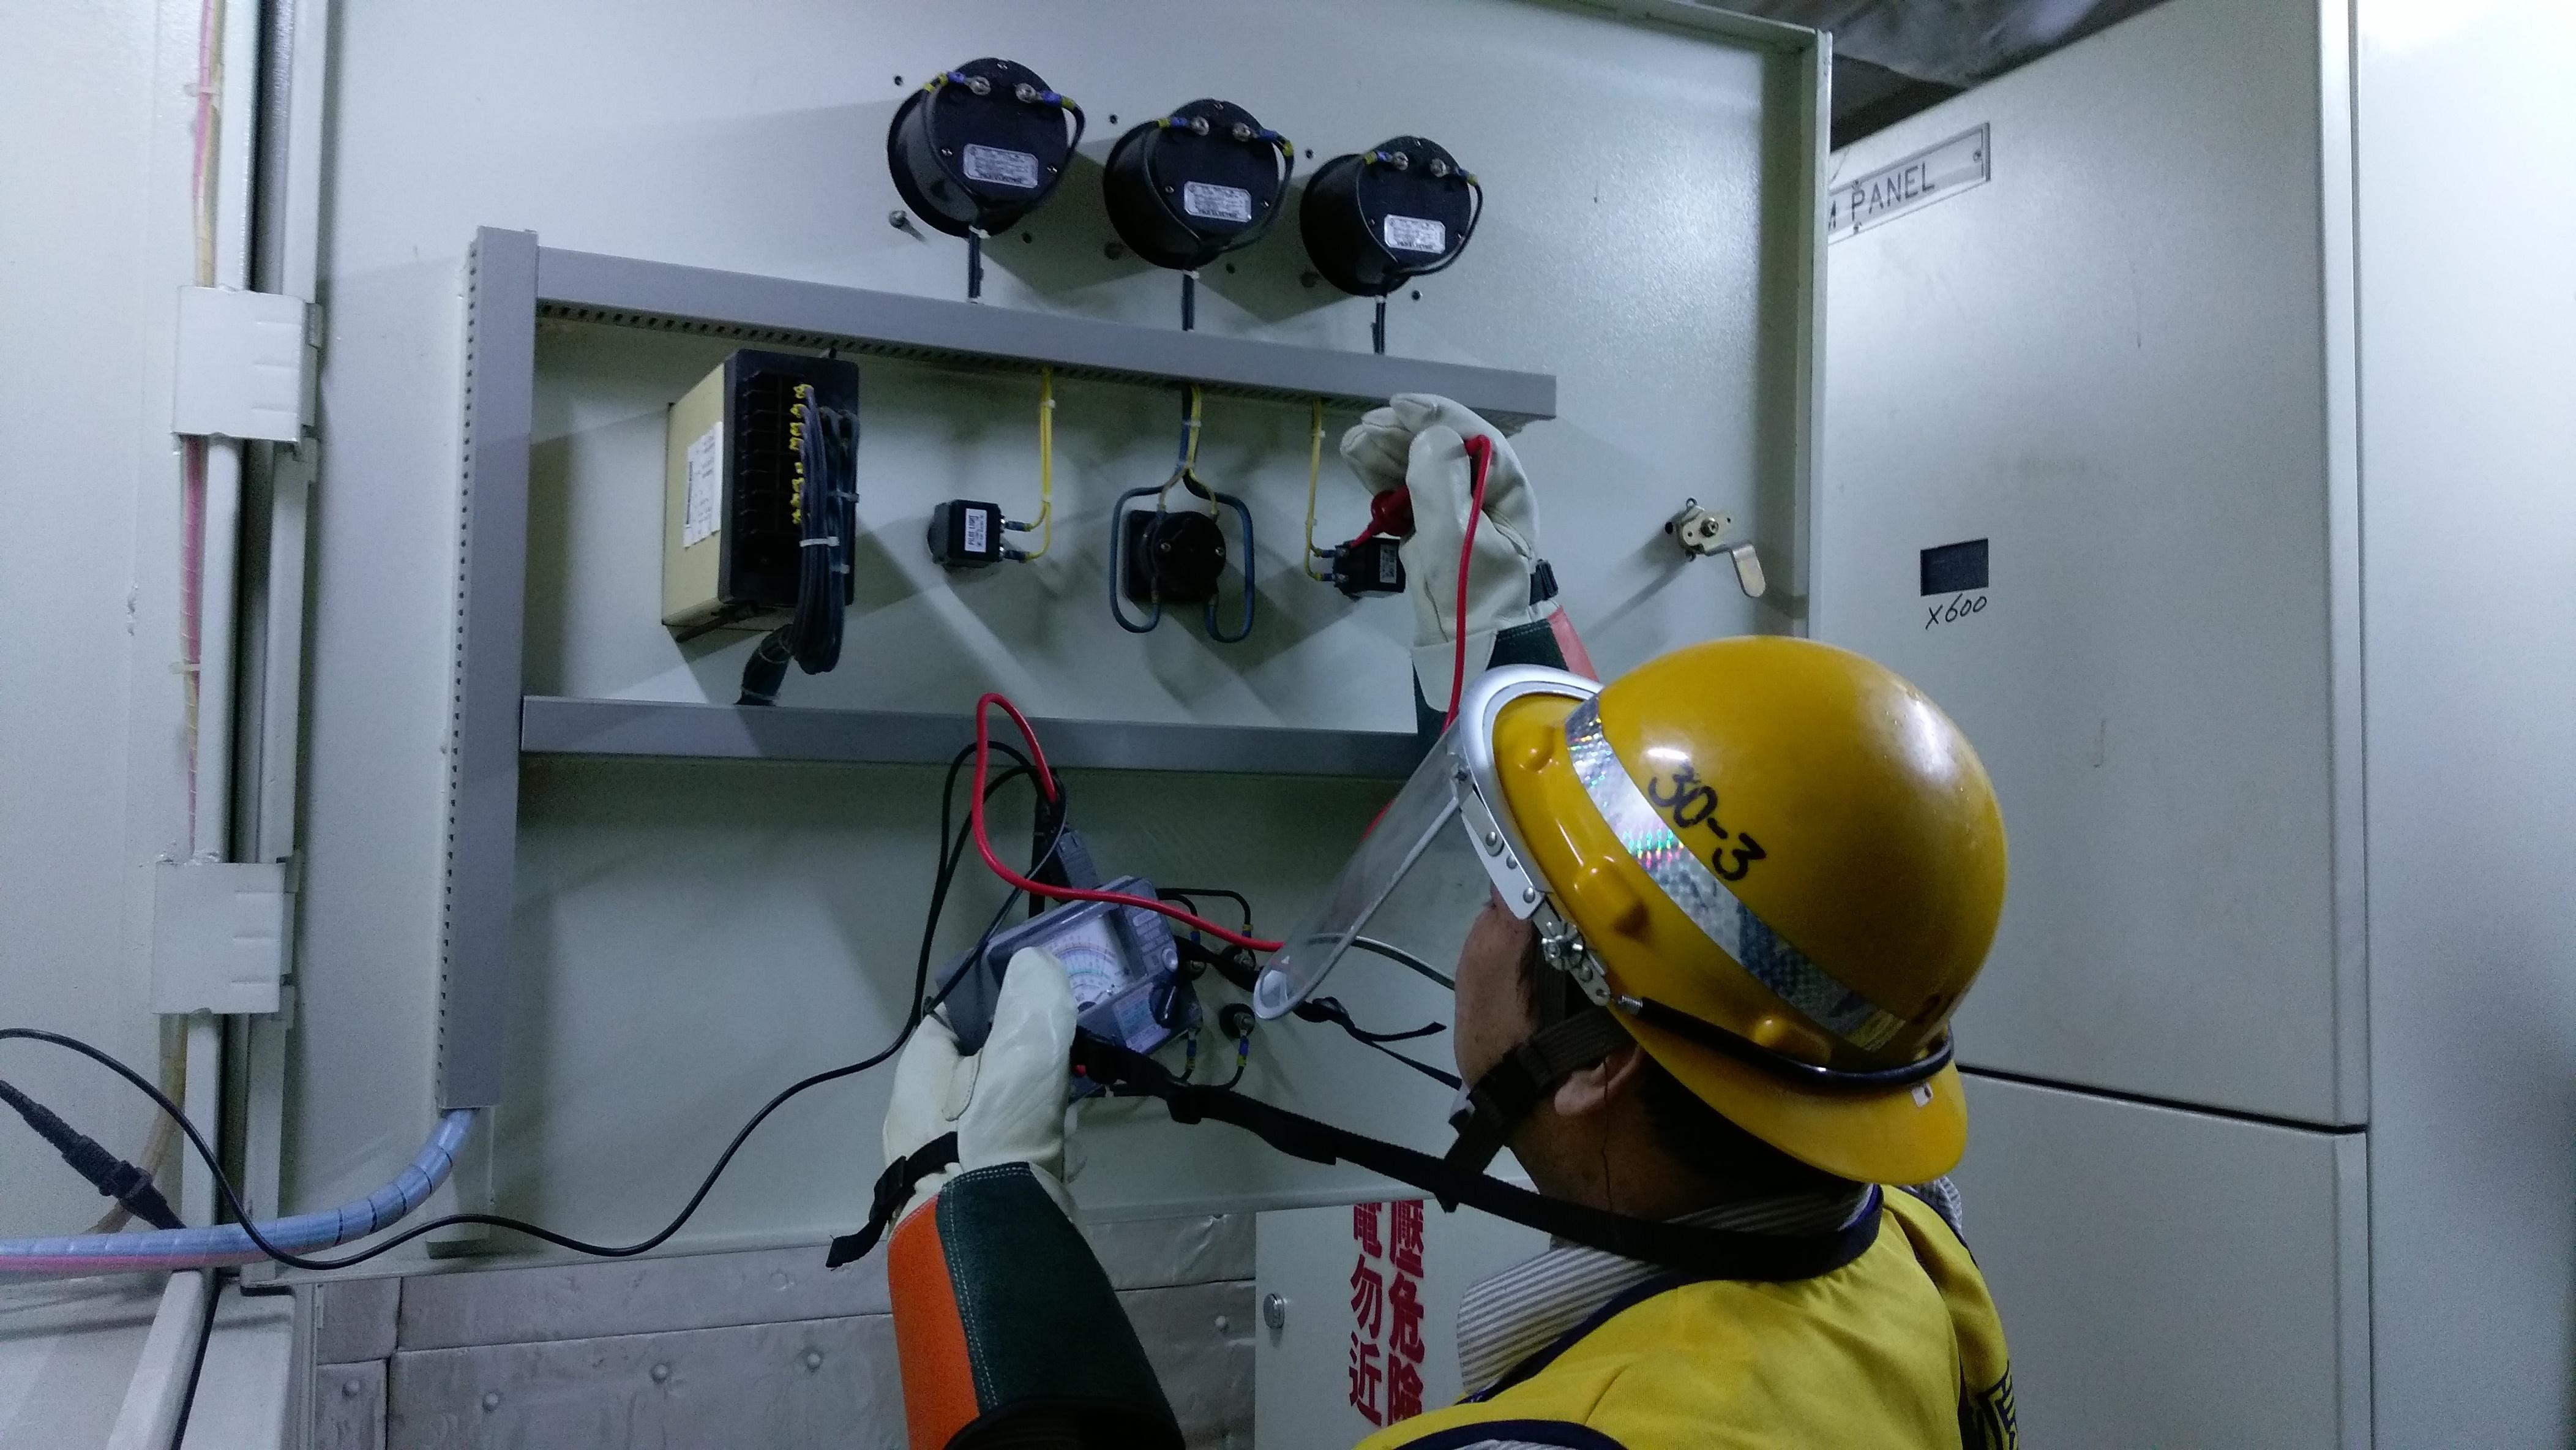 台電人員量測投開票所的自備線路設備